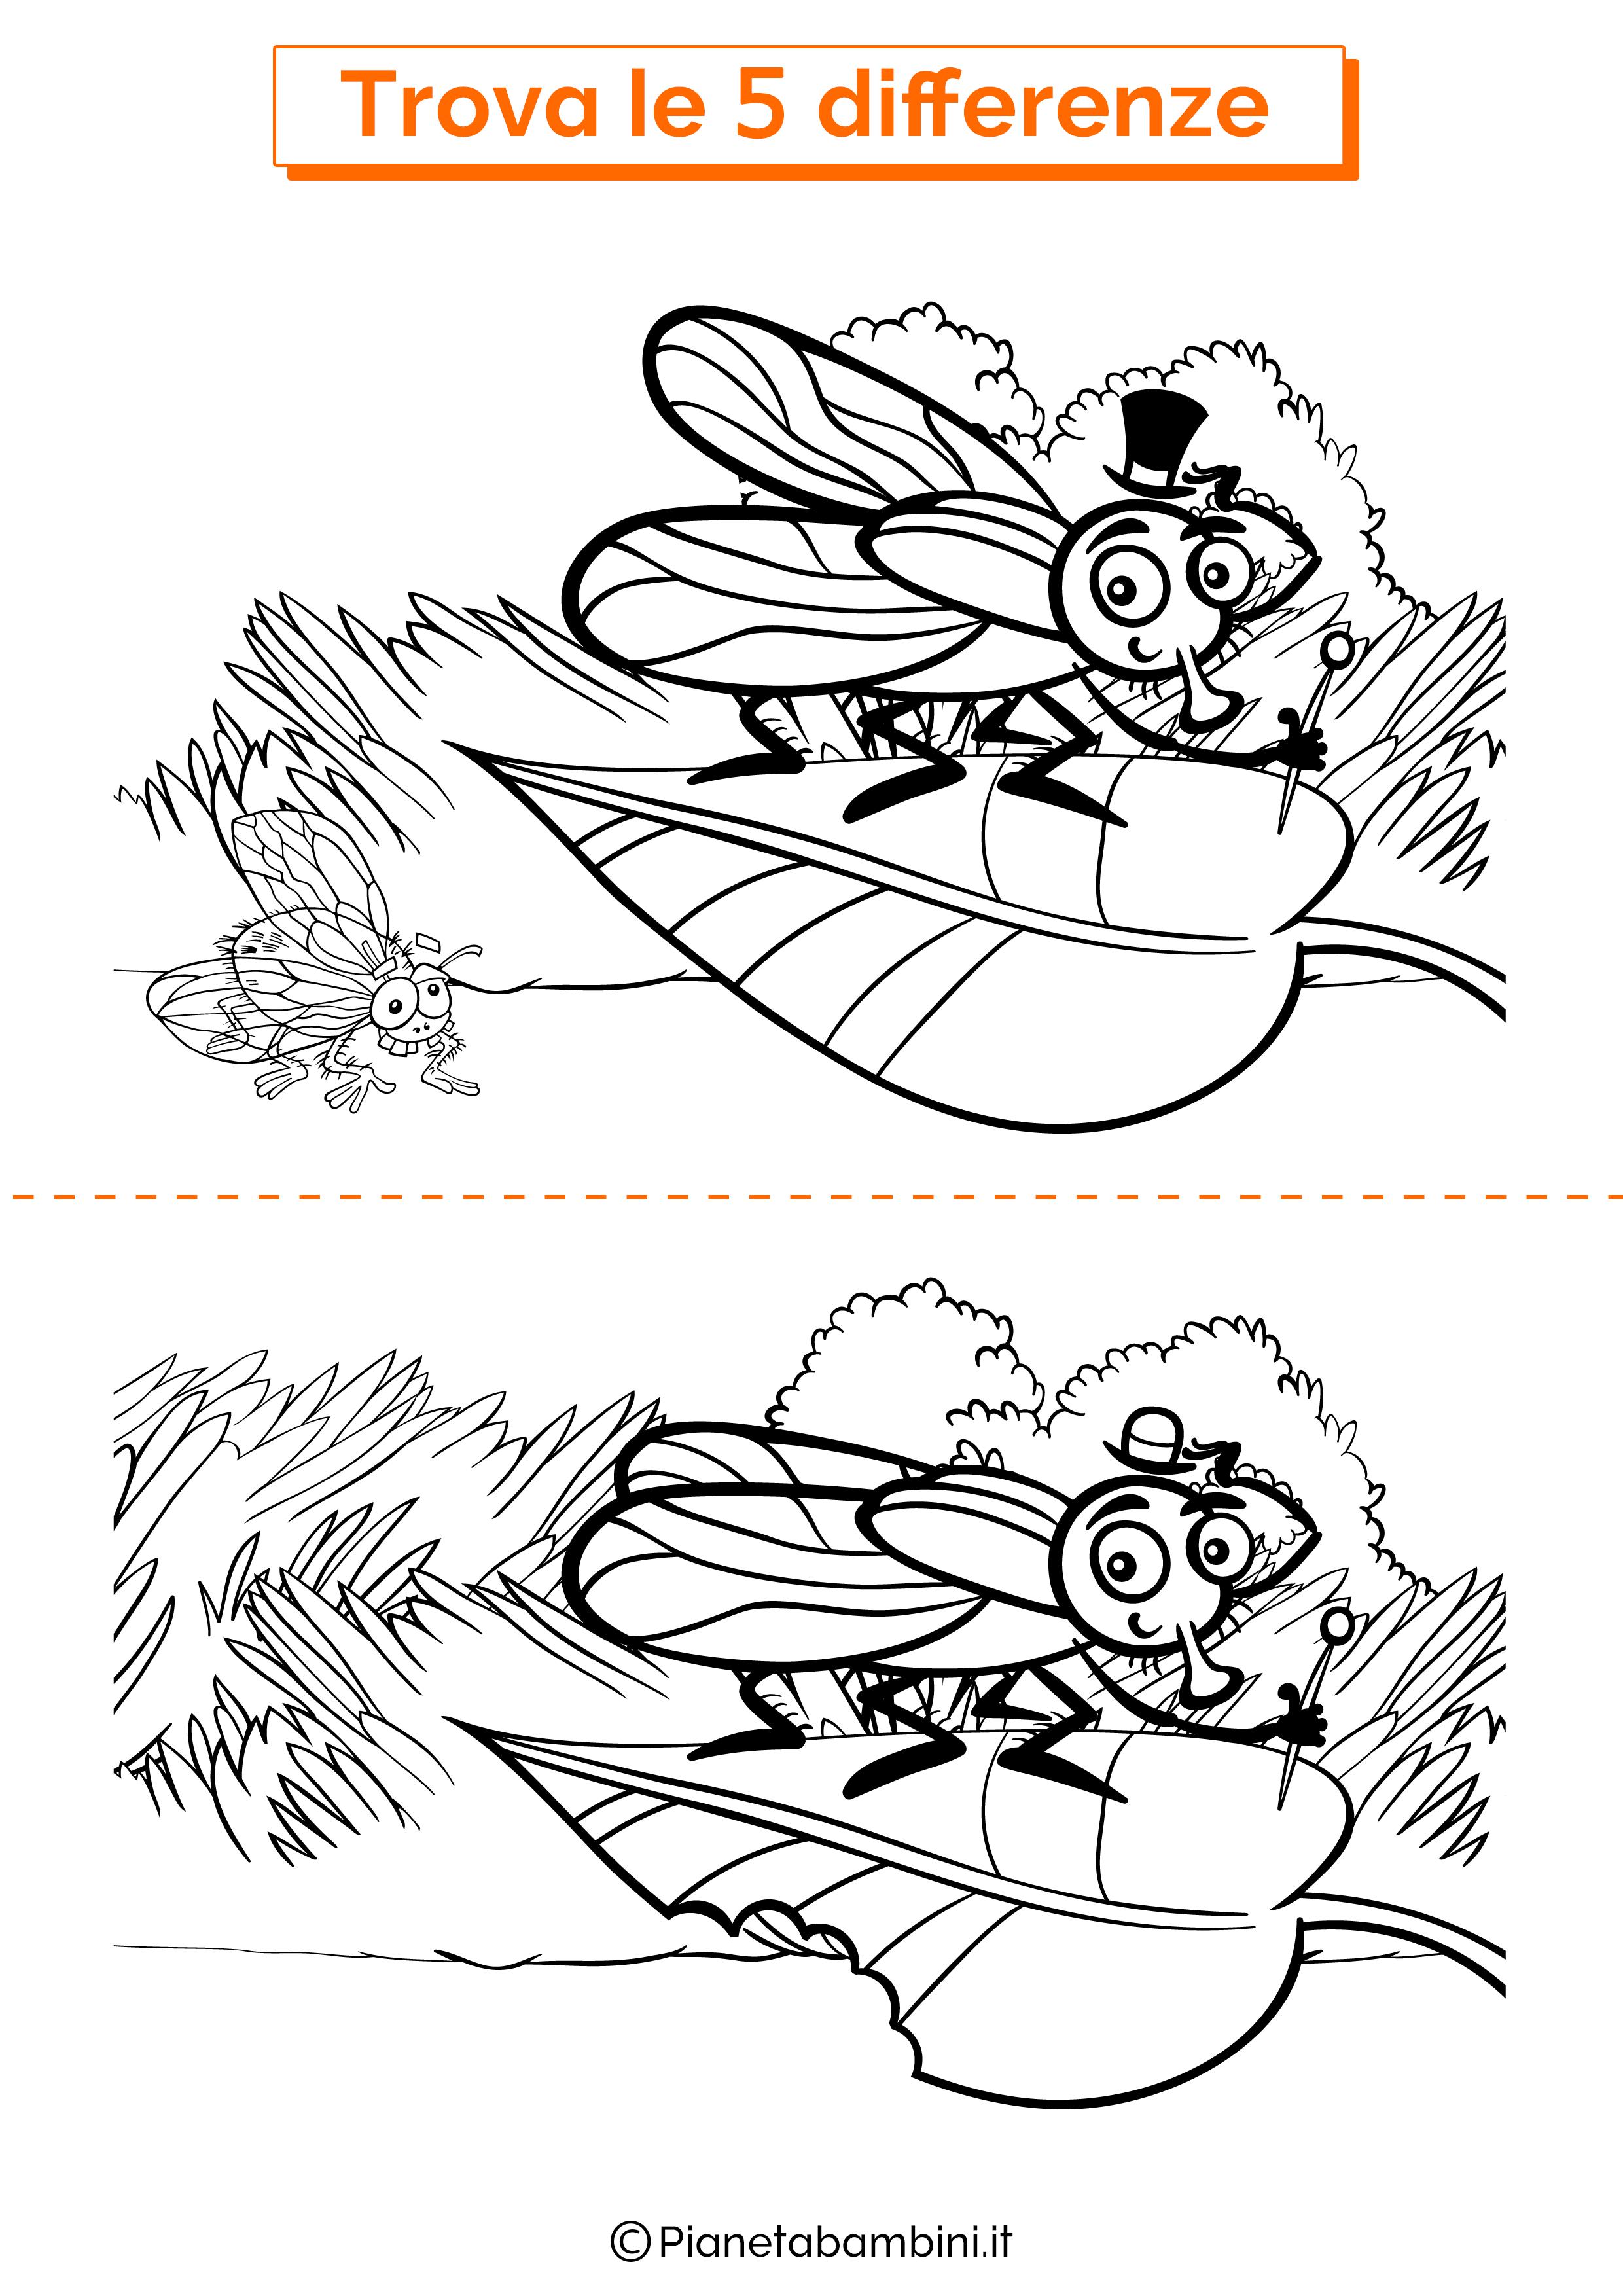 Disegno trova 5 differenze mosca